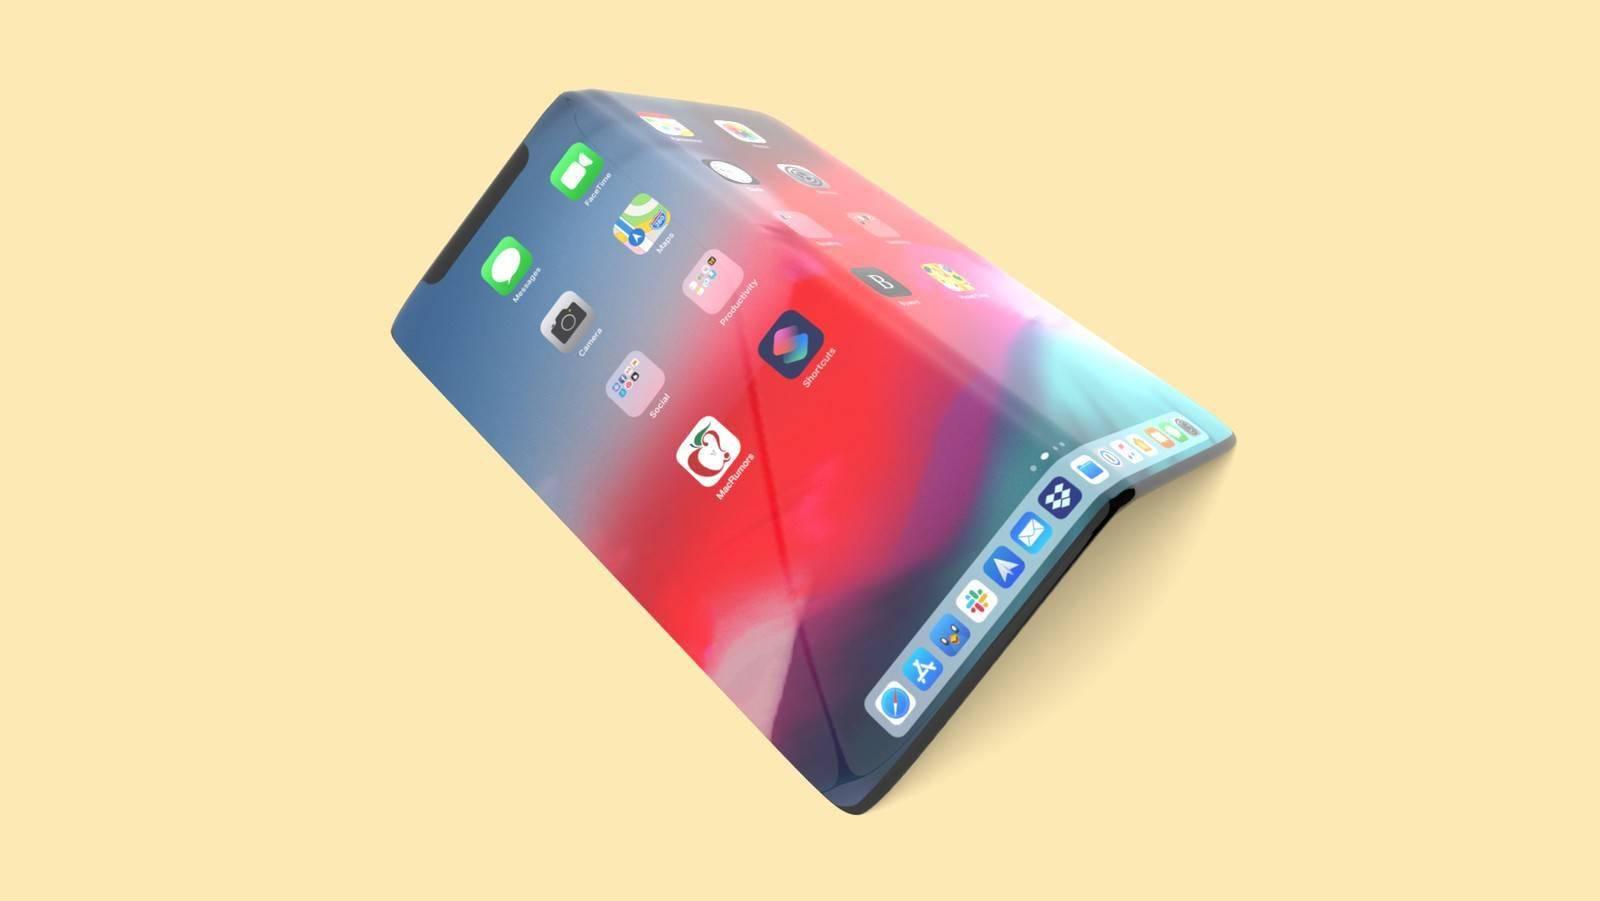 LG Display可能会协助苹果开发可折叠iPhone的屏幕